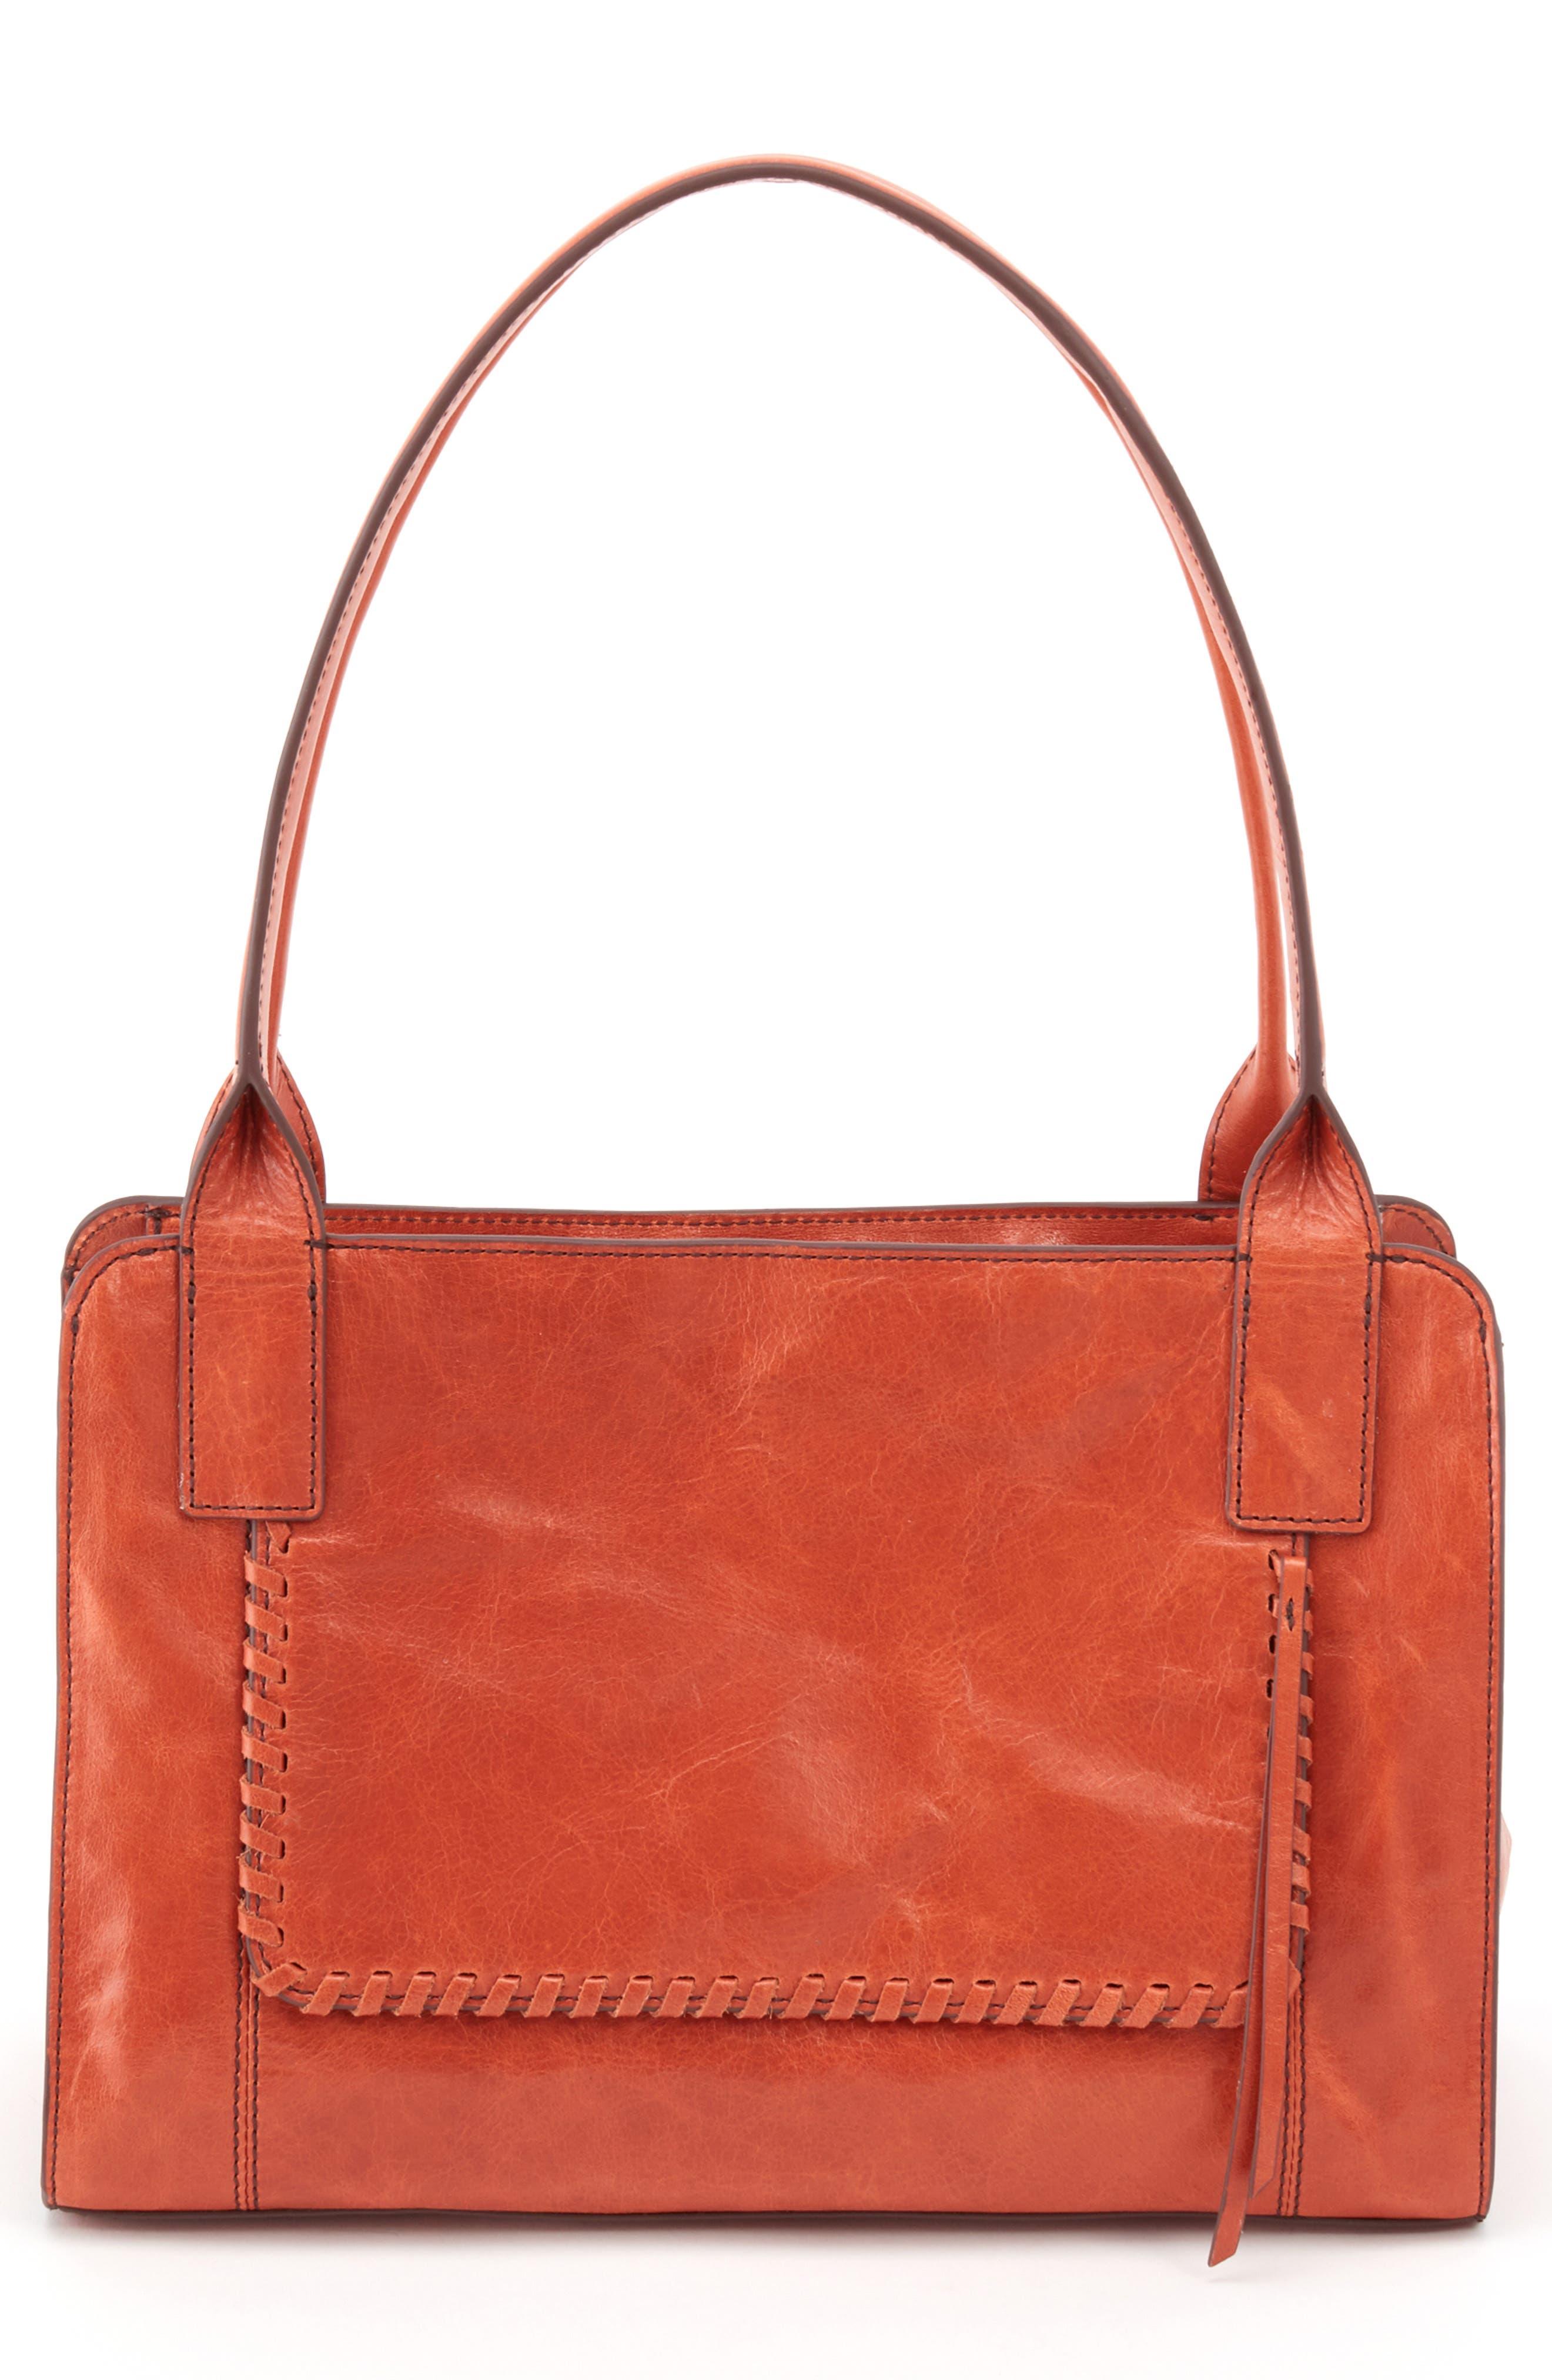 Splendor Leather Satchel,                         Main,                         color, CLAY